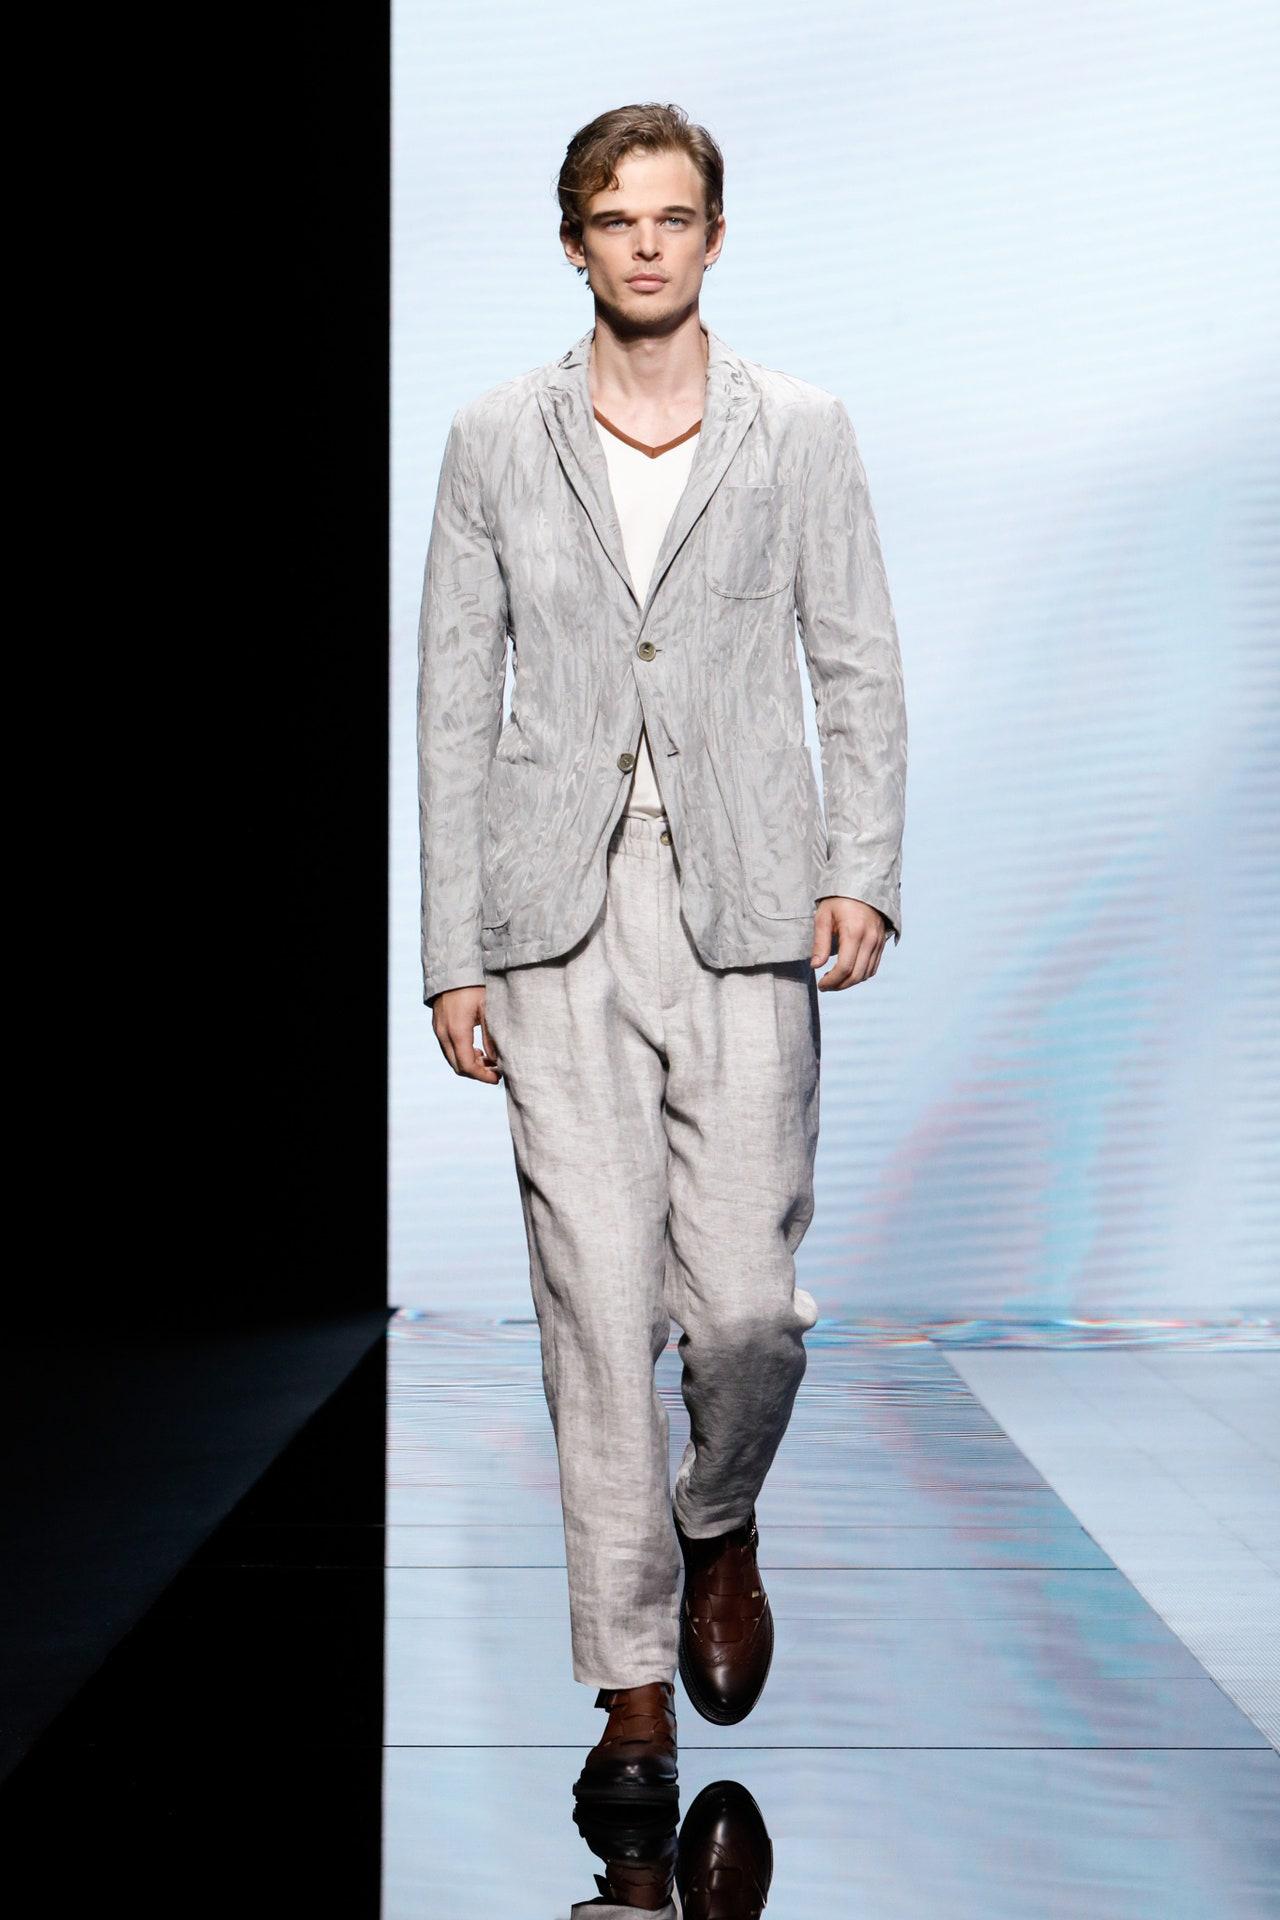 trang phuc linen - elle man style calendar - giorgio armani ss2021